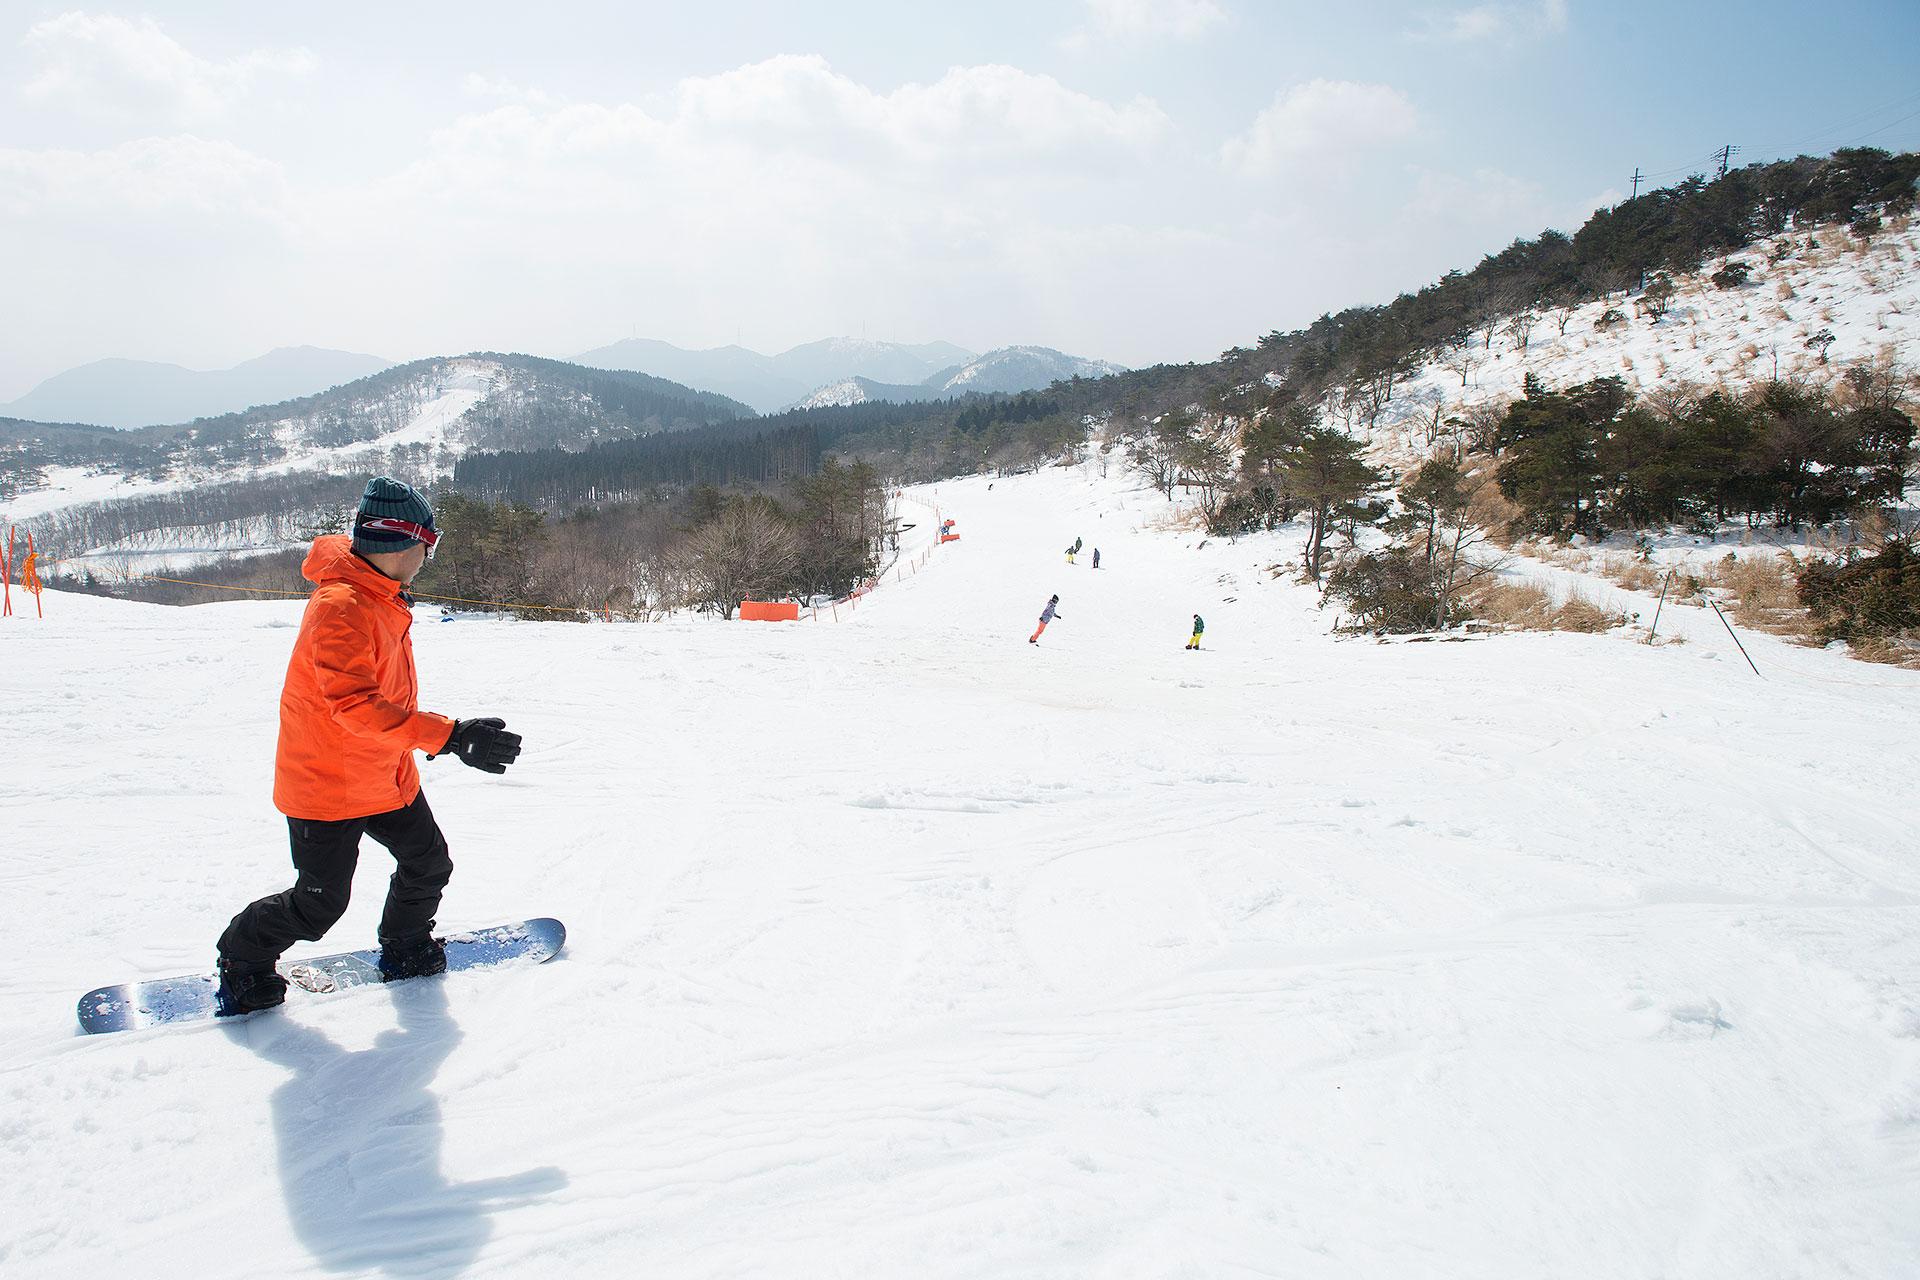 峰山高原リゾート・ホワイトピーク(スキー場)